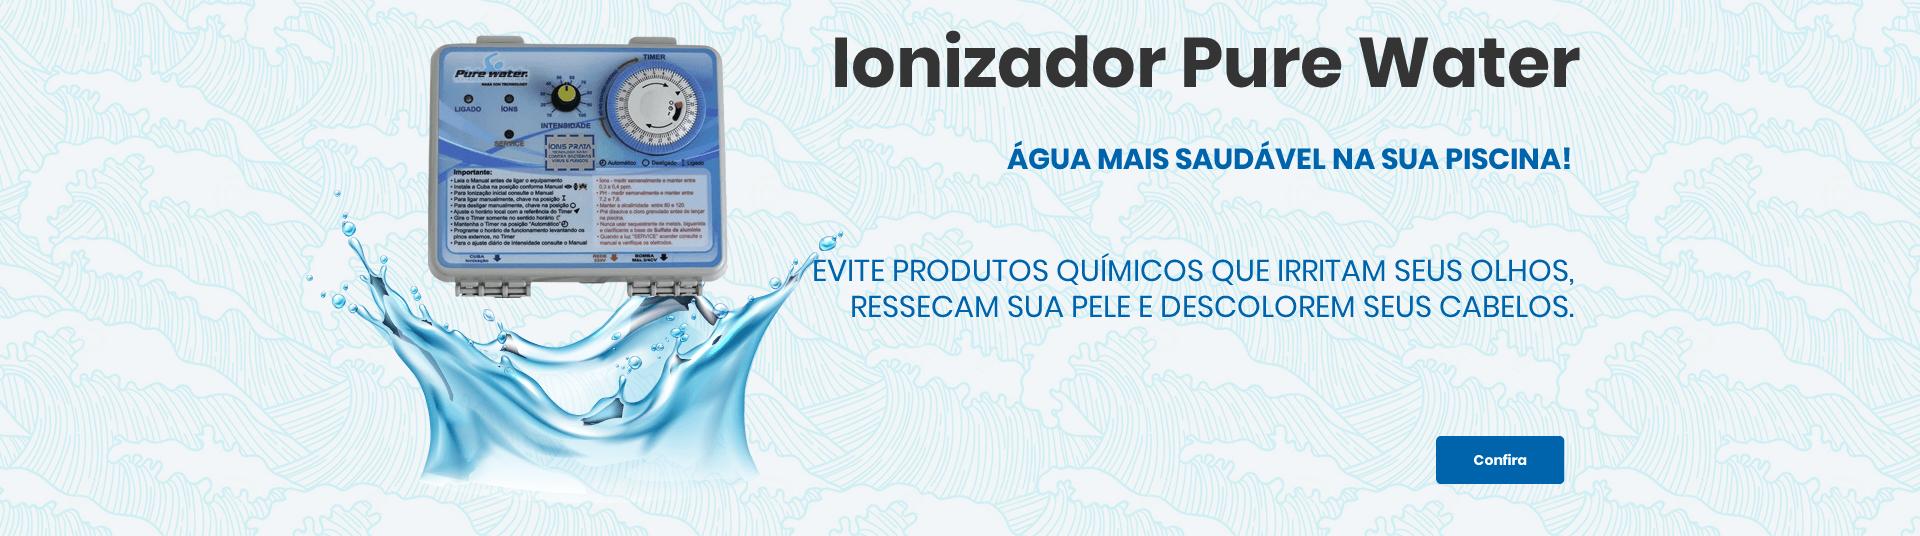 Ionizador Pure Water